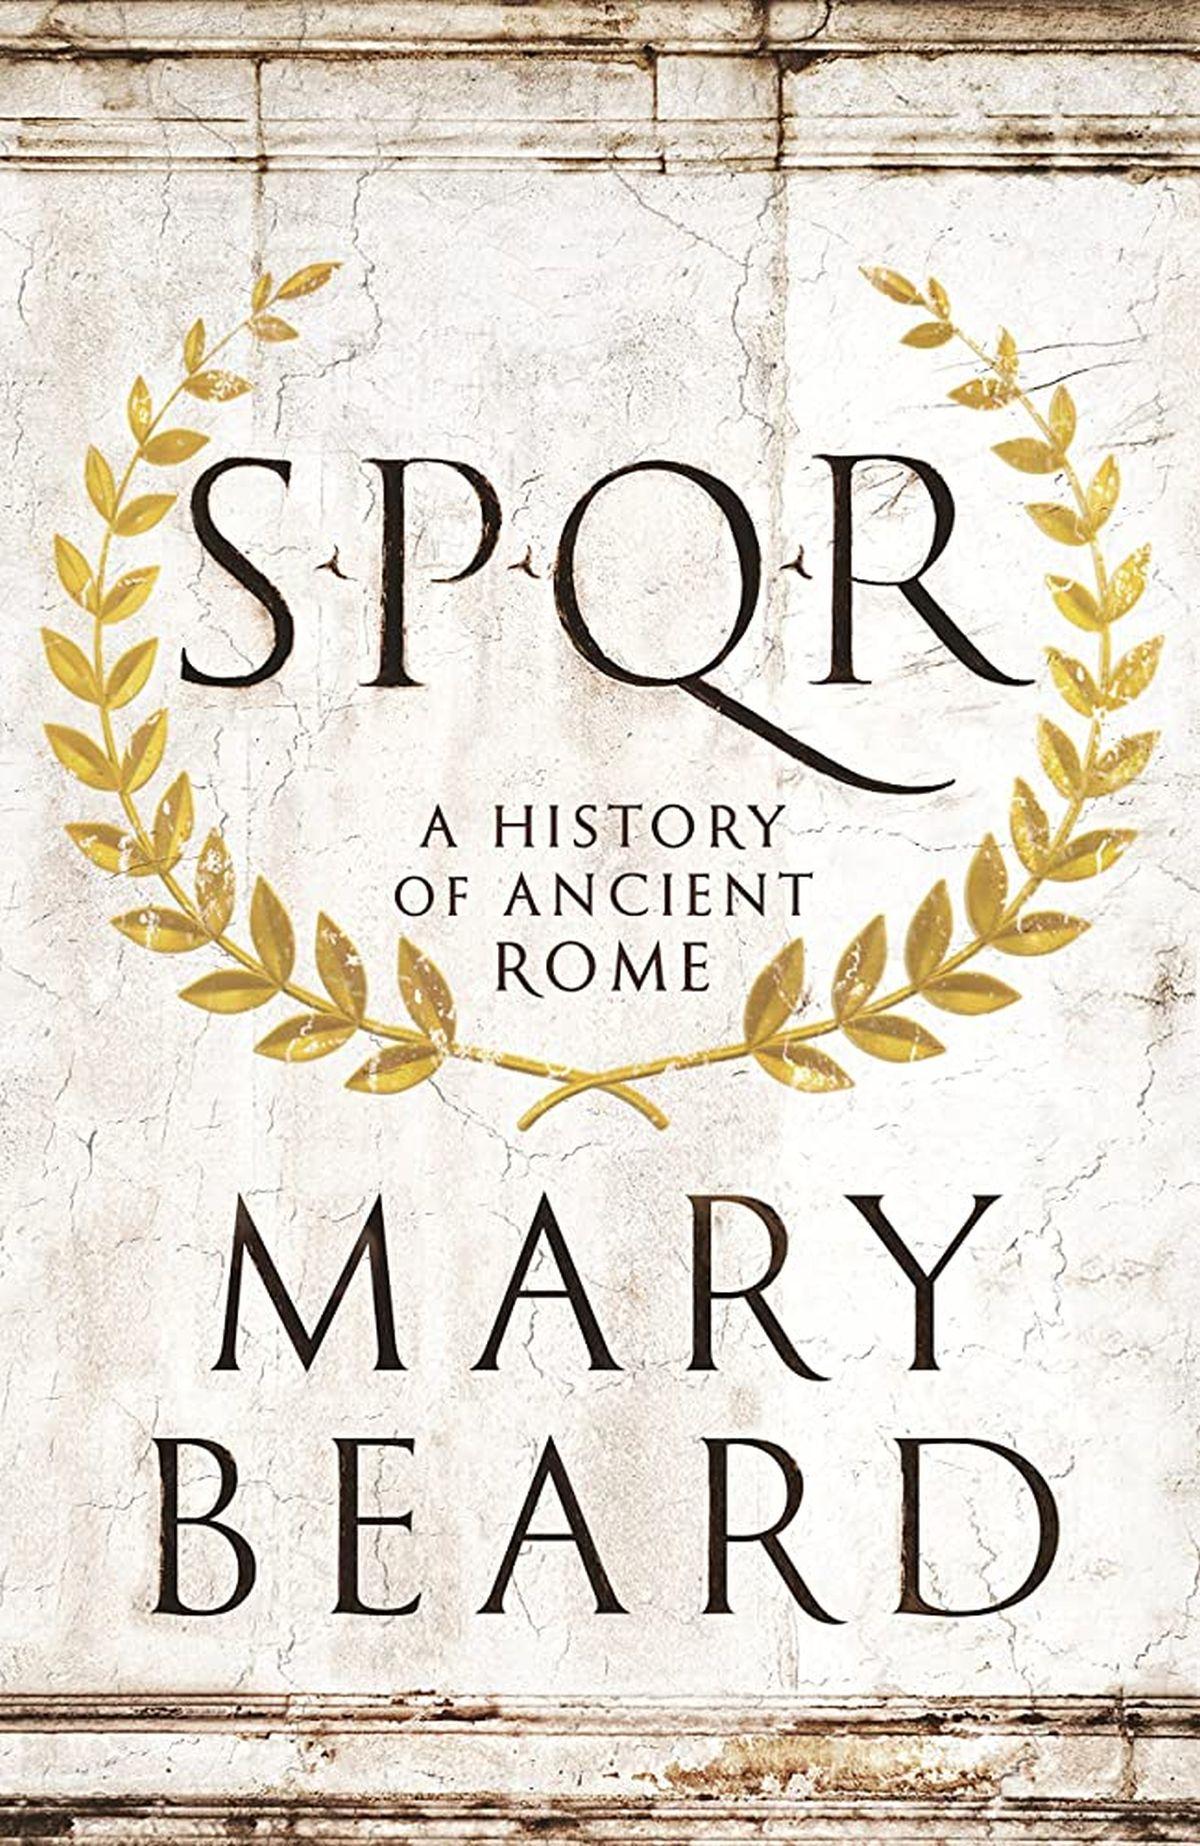 Mary Beard, SPQR